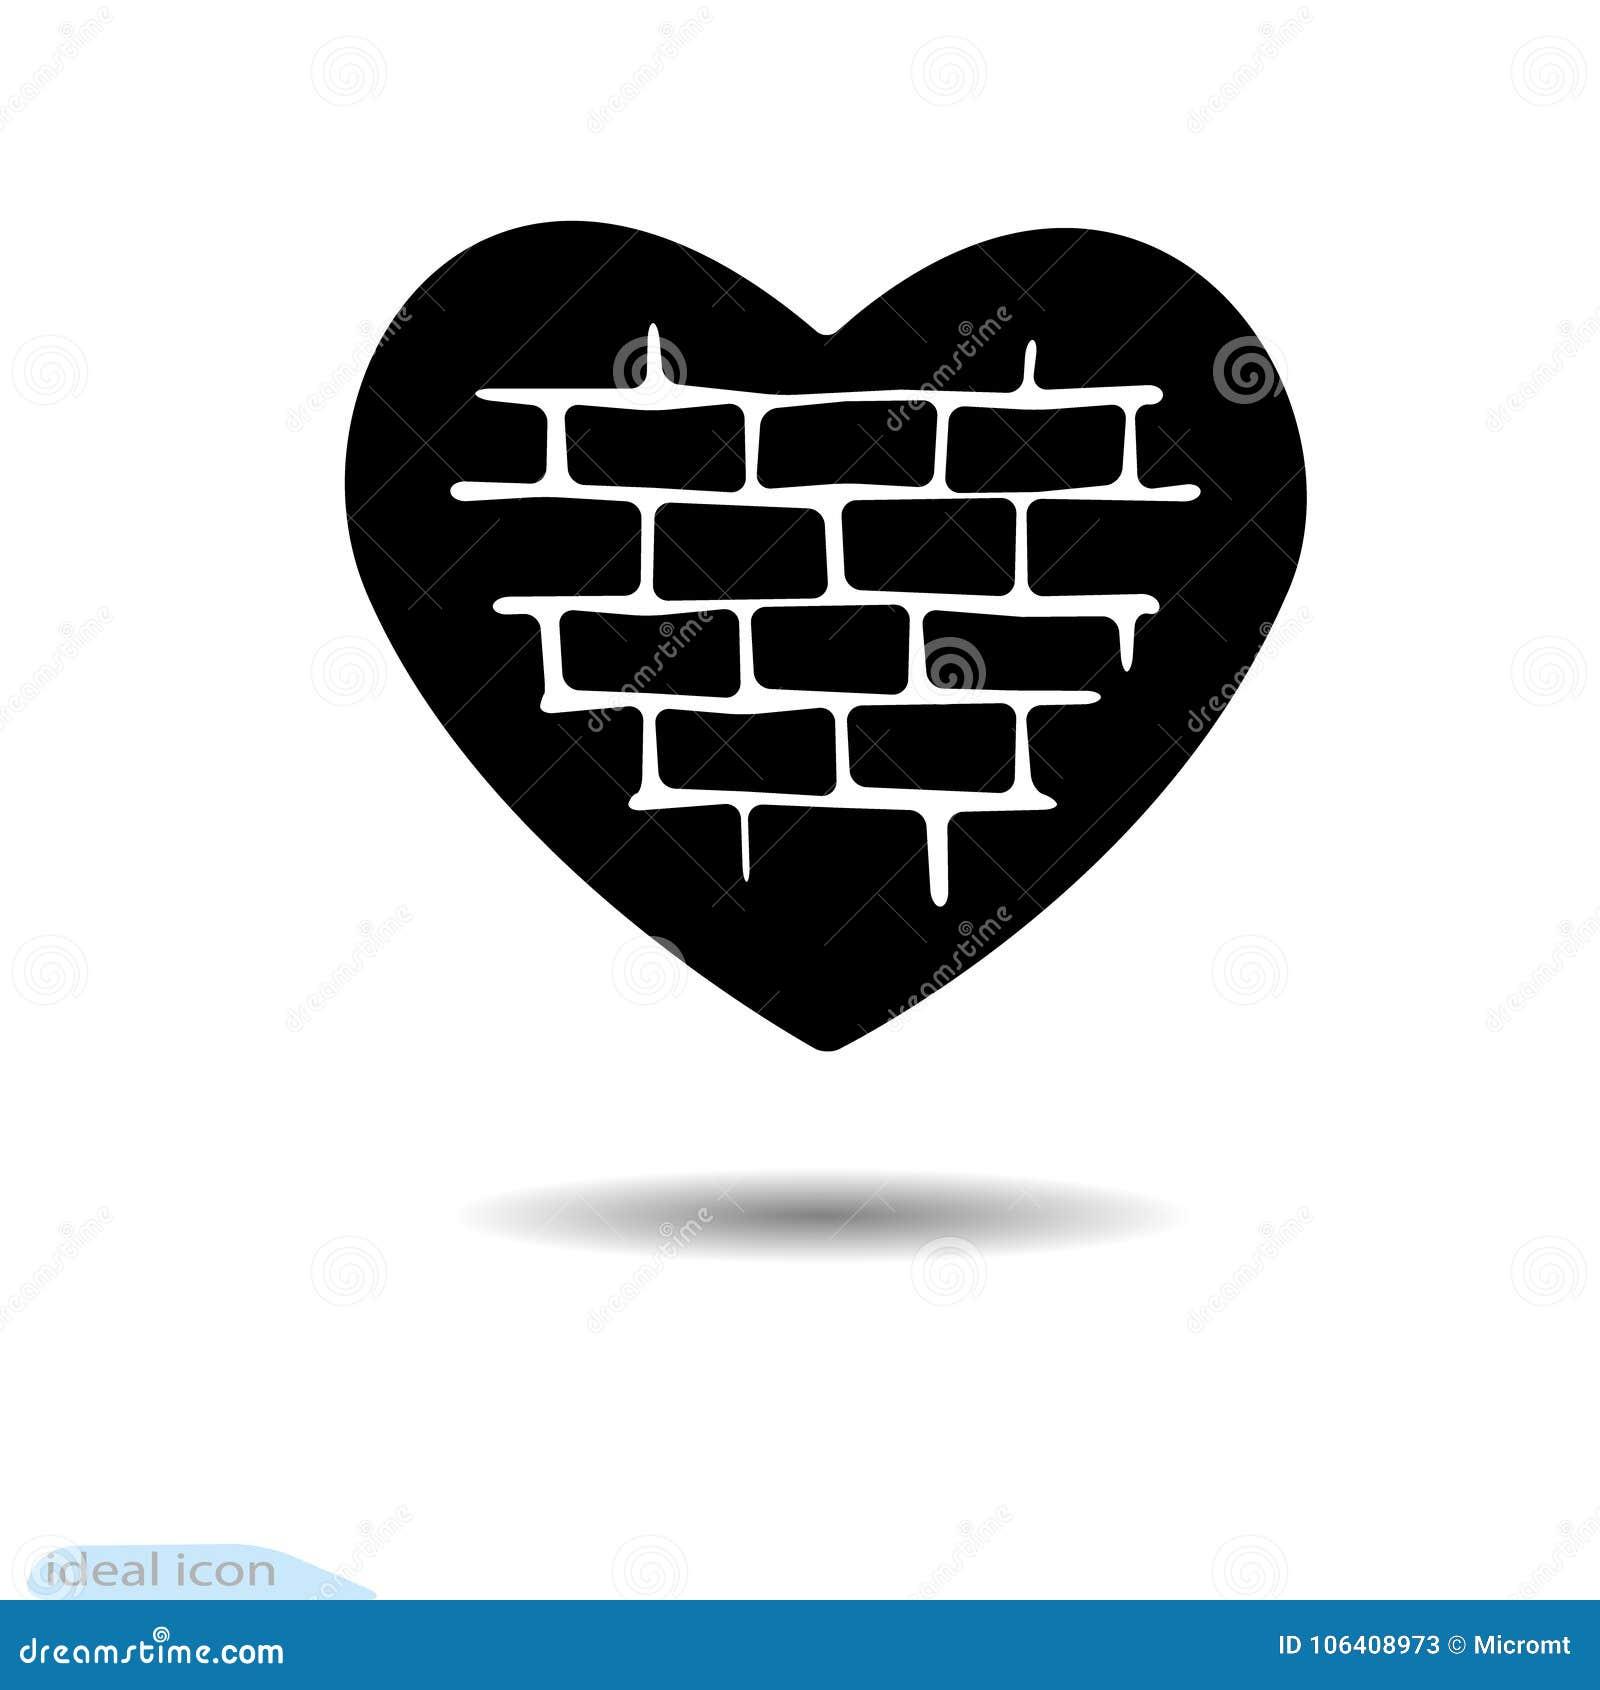 The Heart Icon A Symbol Of Love Valentine S Day Seam Brick Wall